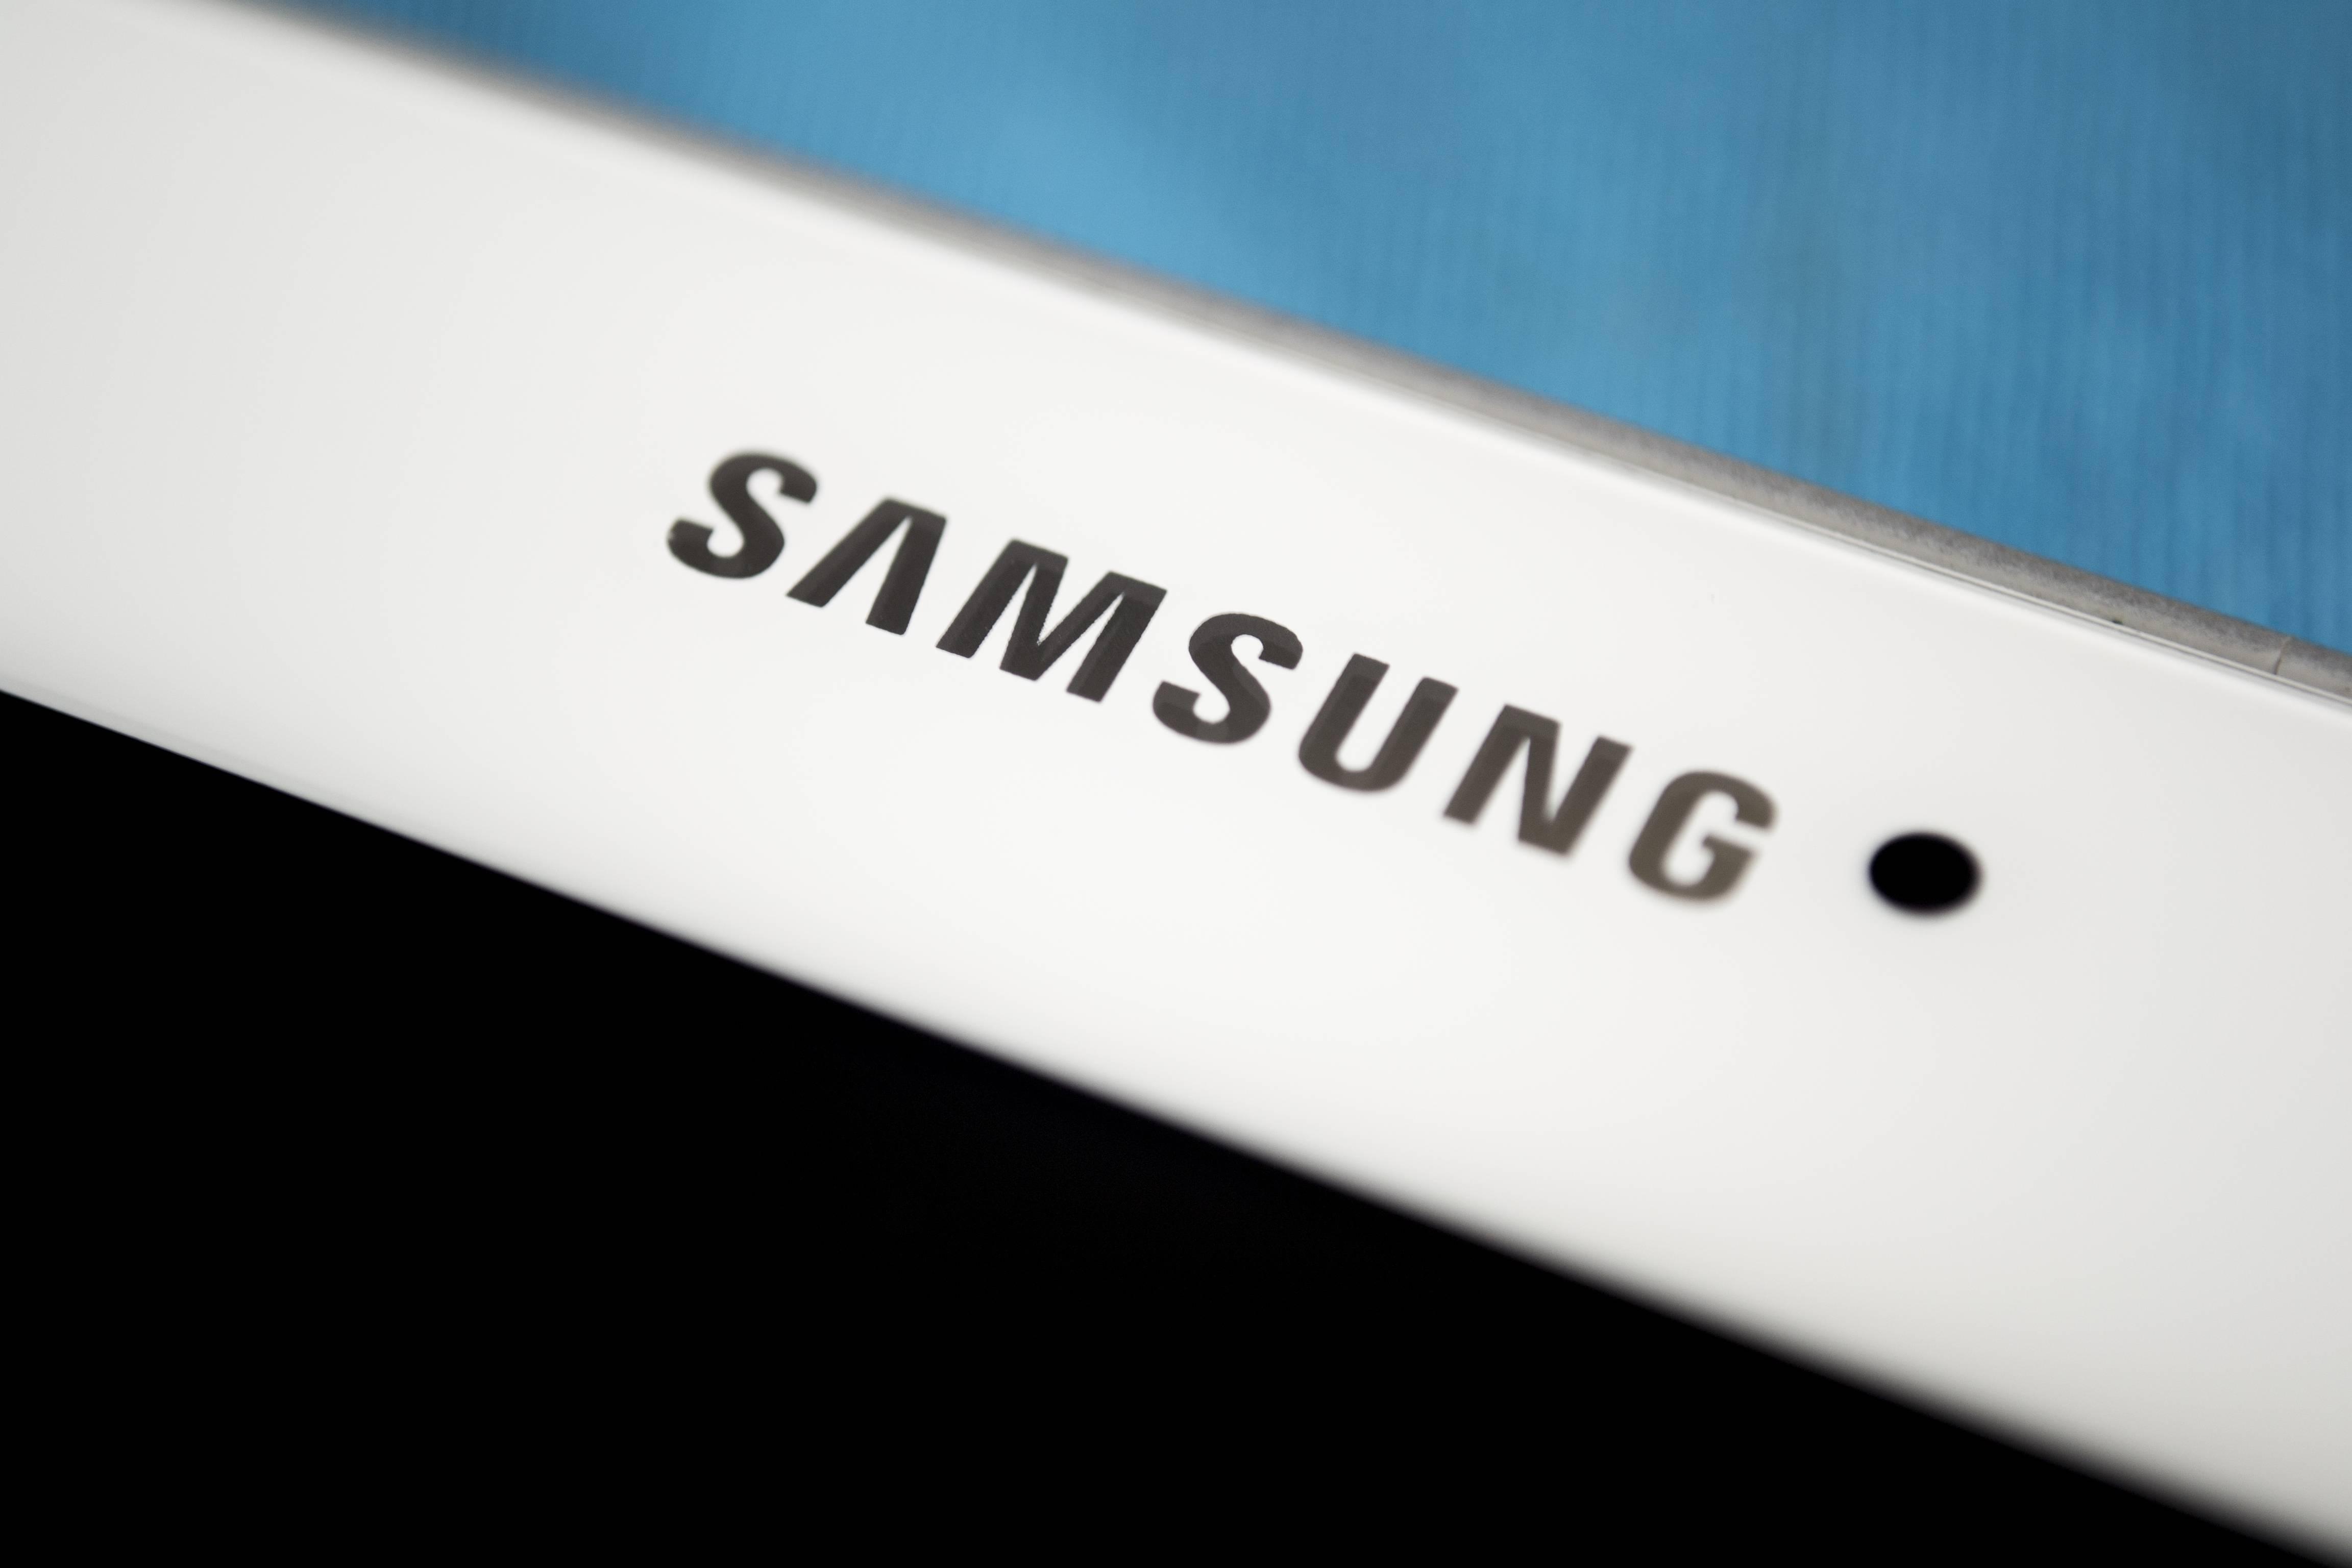 samsung-logo-images